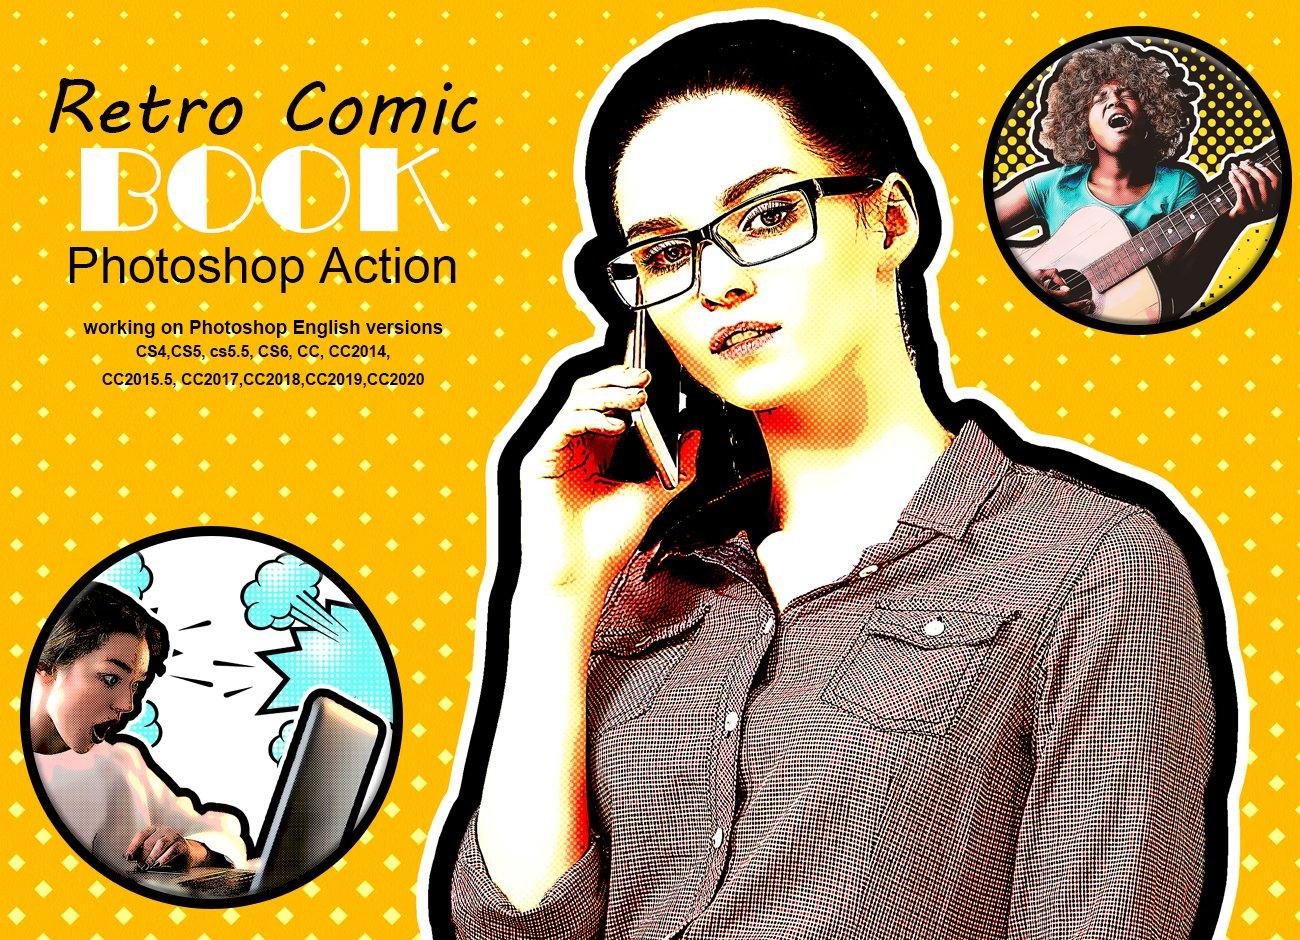 复古漫画风照片处理滤镜PS动作素材 Retro Comic Book Photoshop Action插图